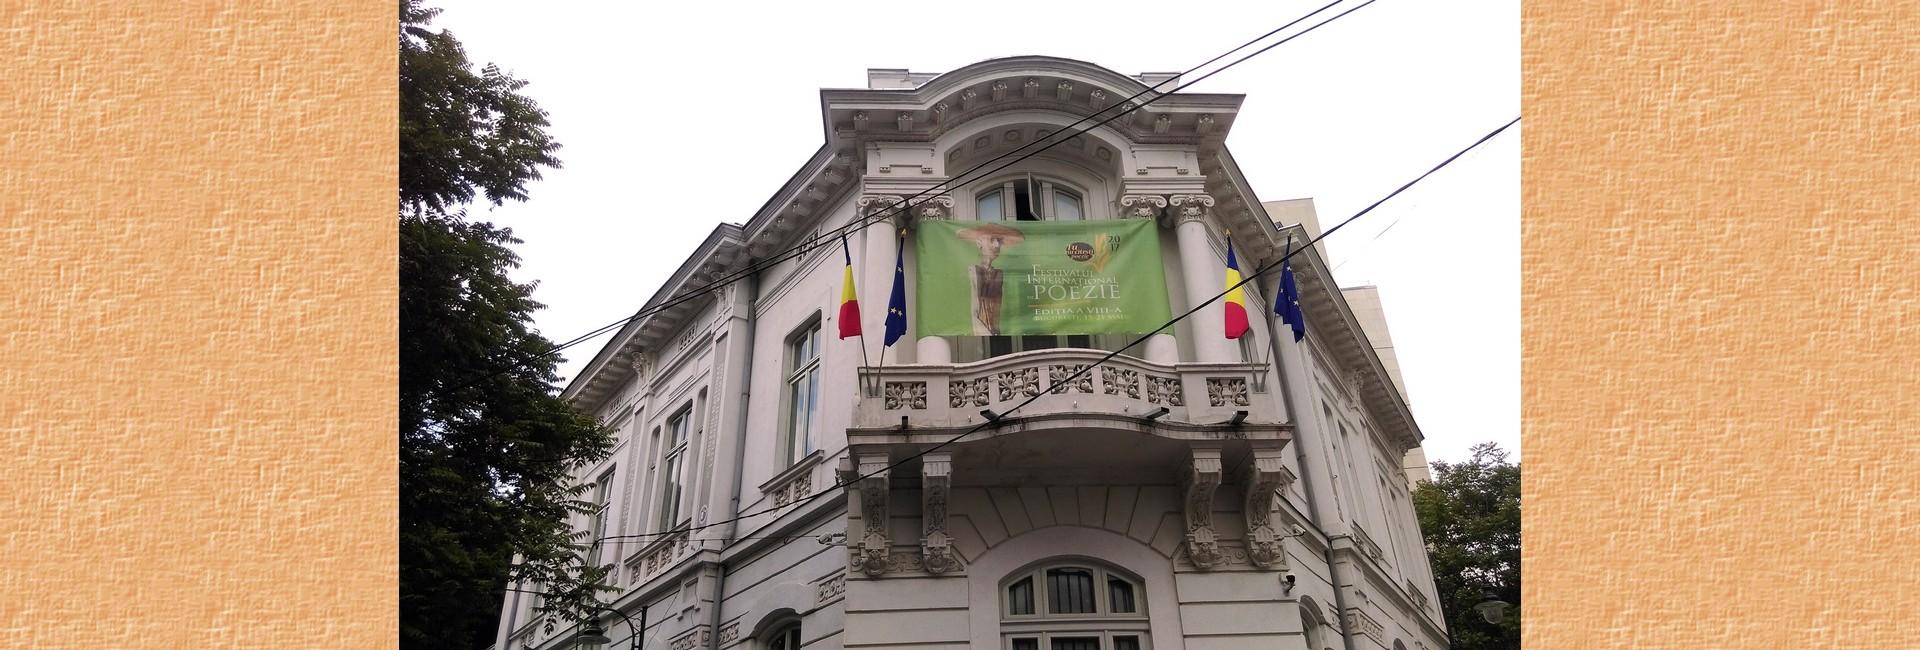 Muzeul Național al Literaturii Române muzeu cultură poezia românească literatura română slider